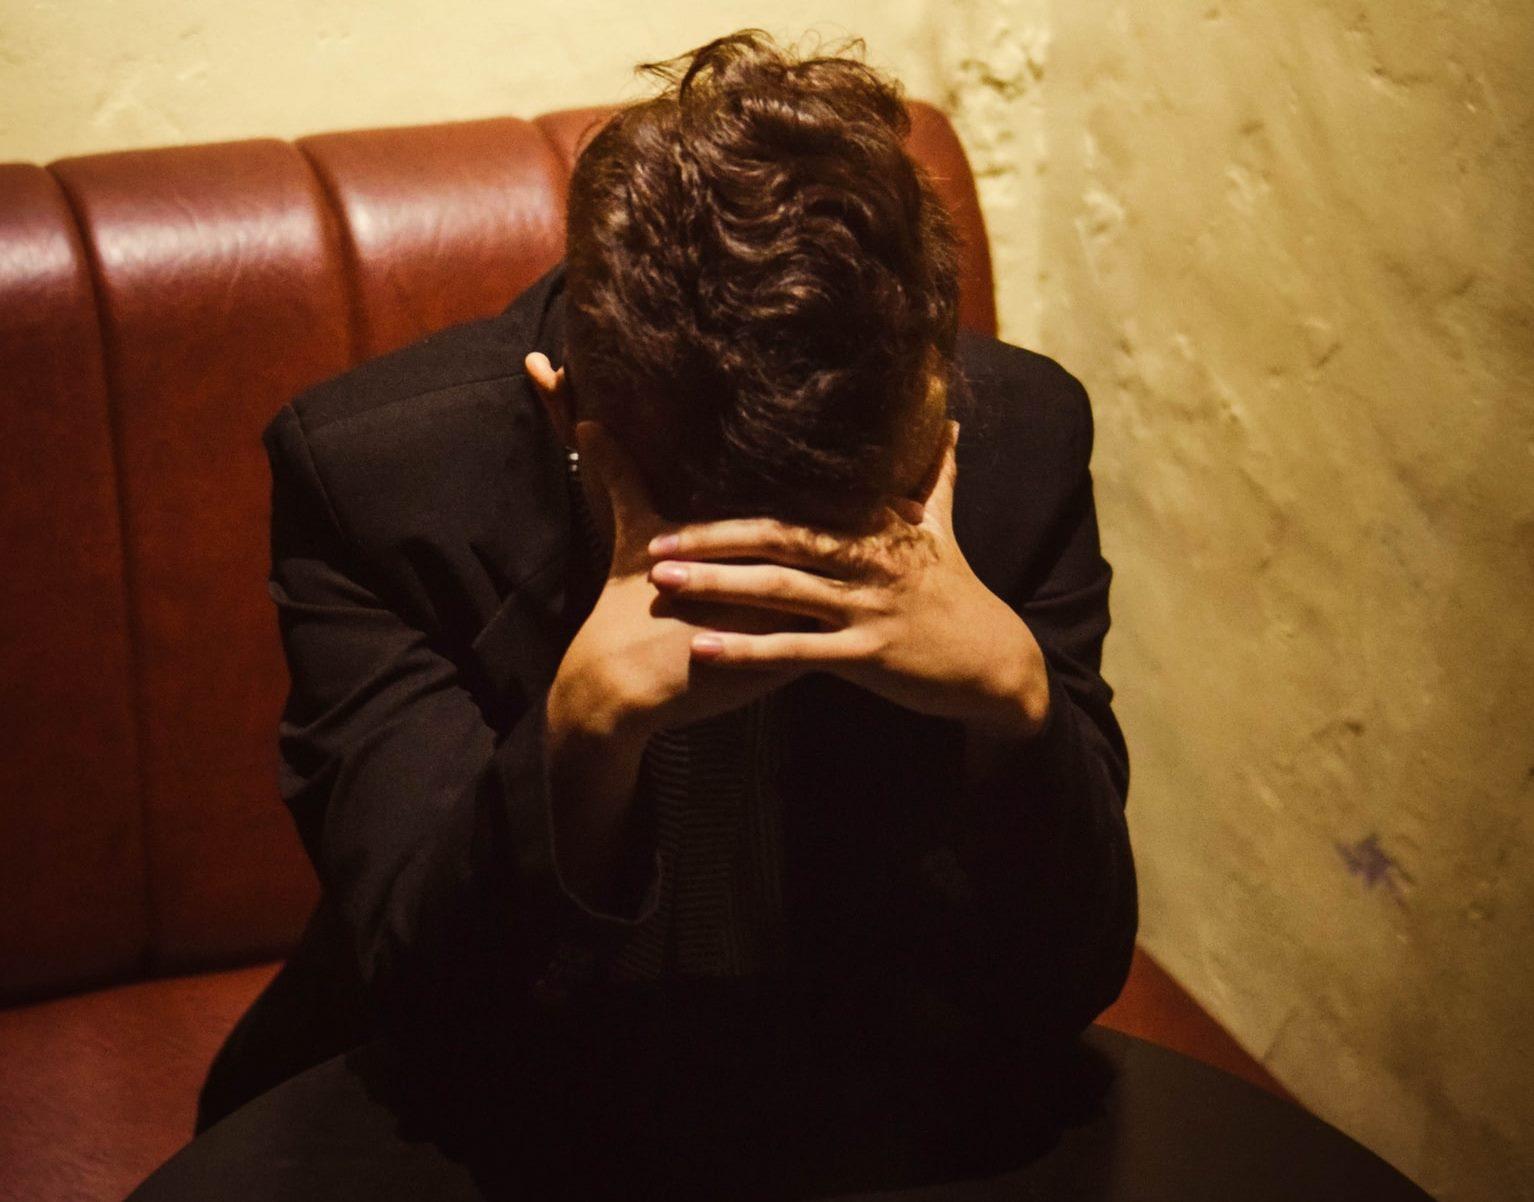 الشعور بالألم في الجسم من علامات الاضطرابات العصبية العضلية